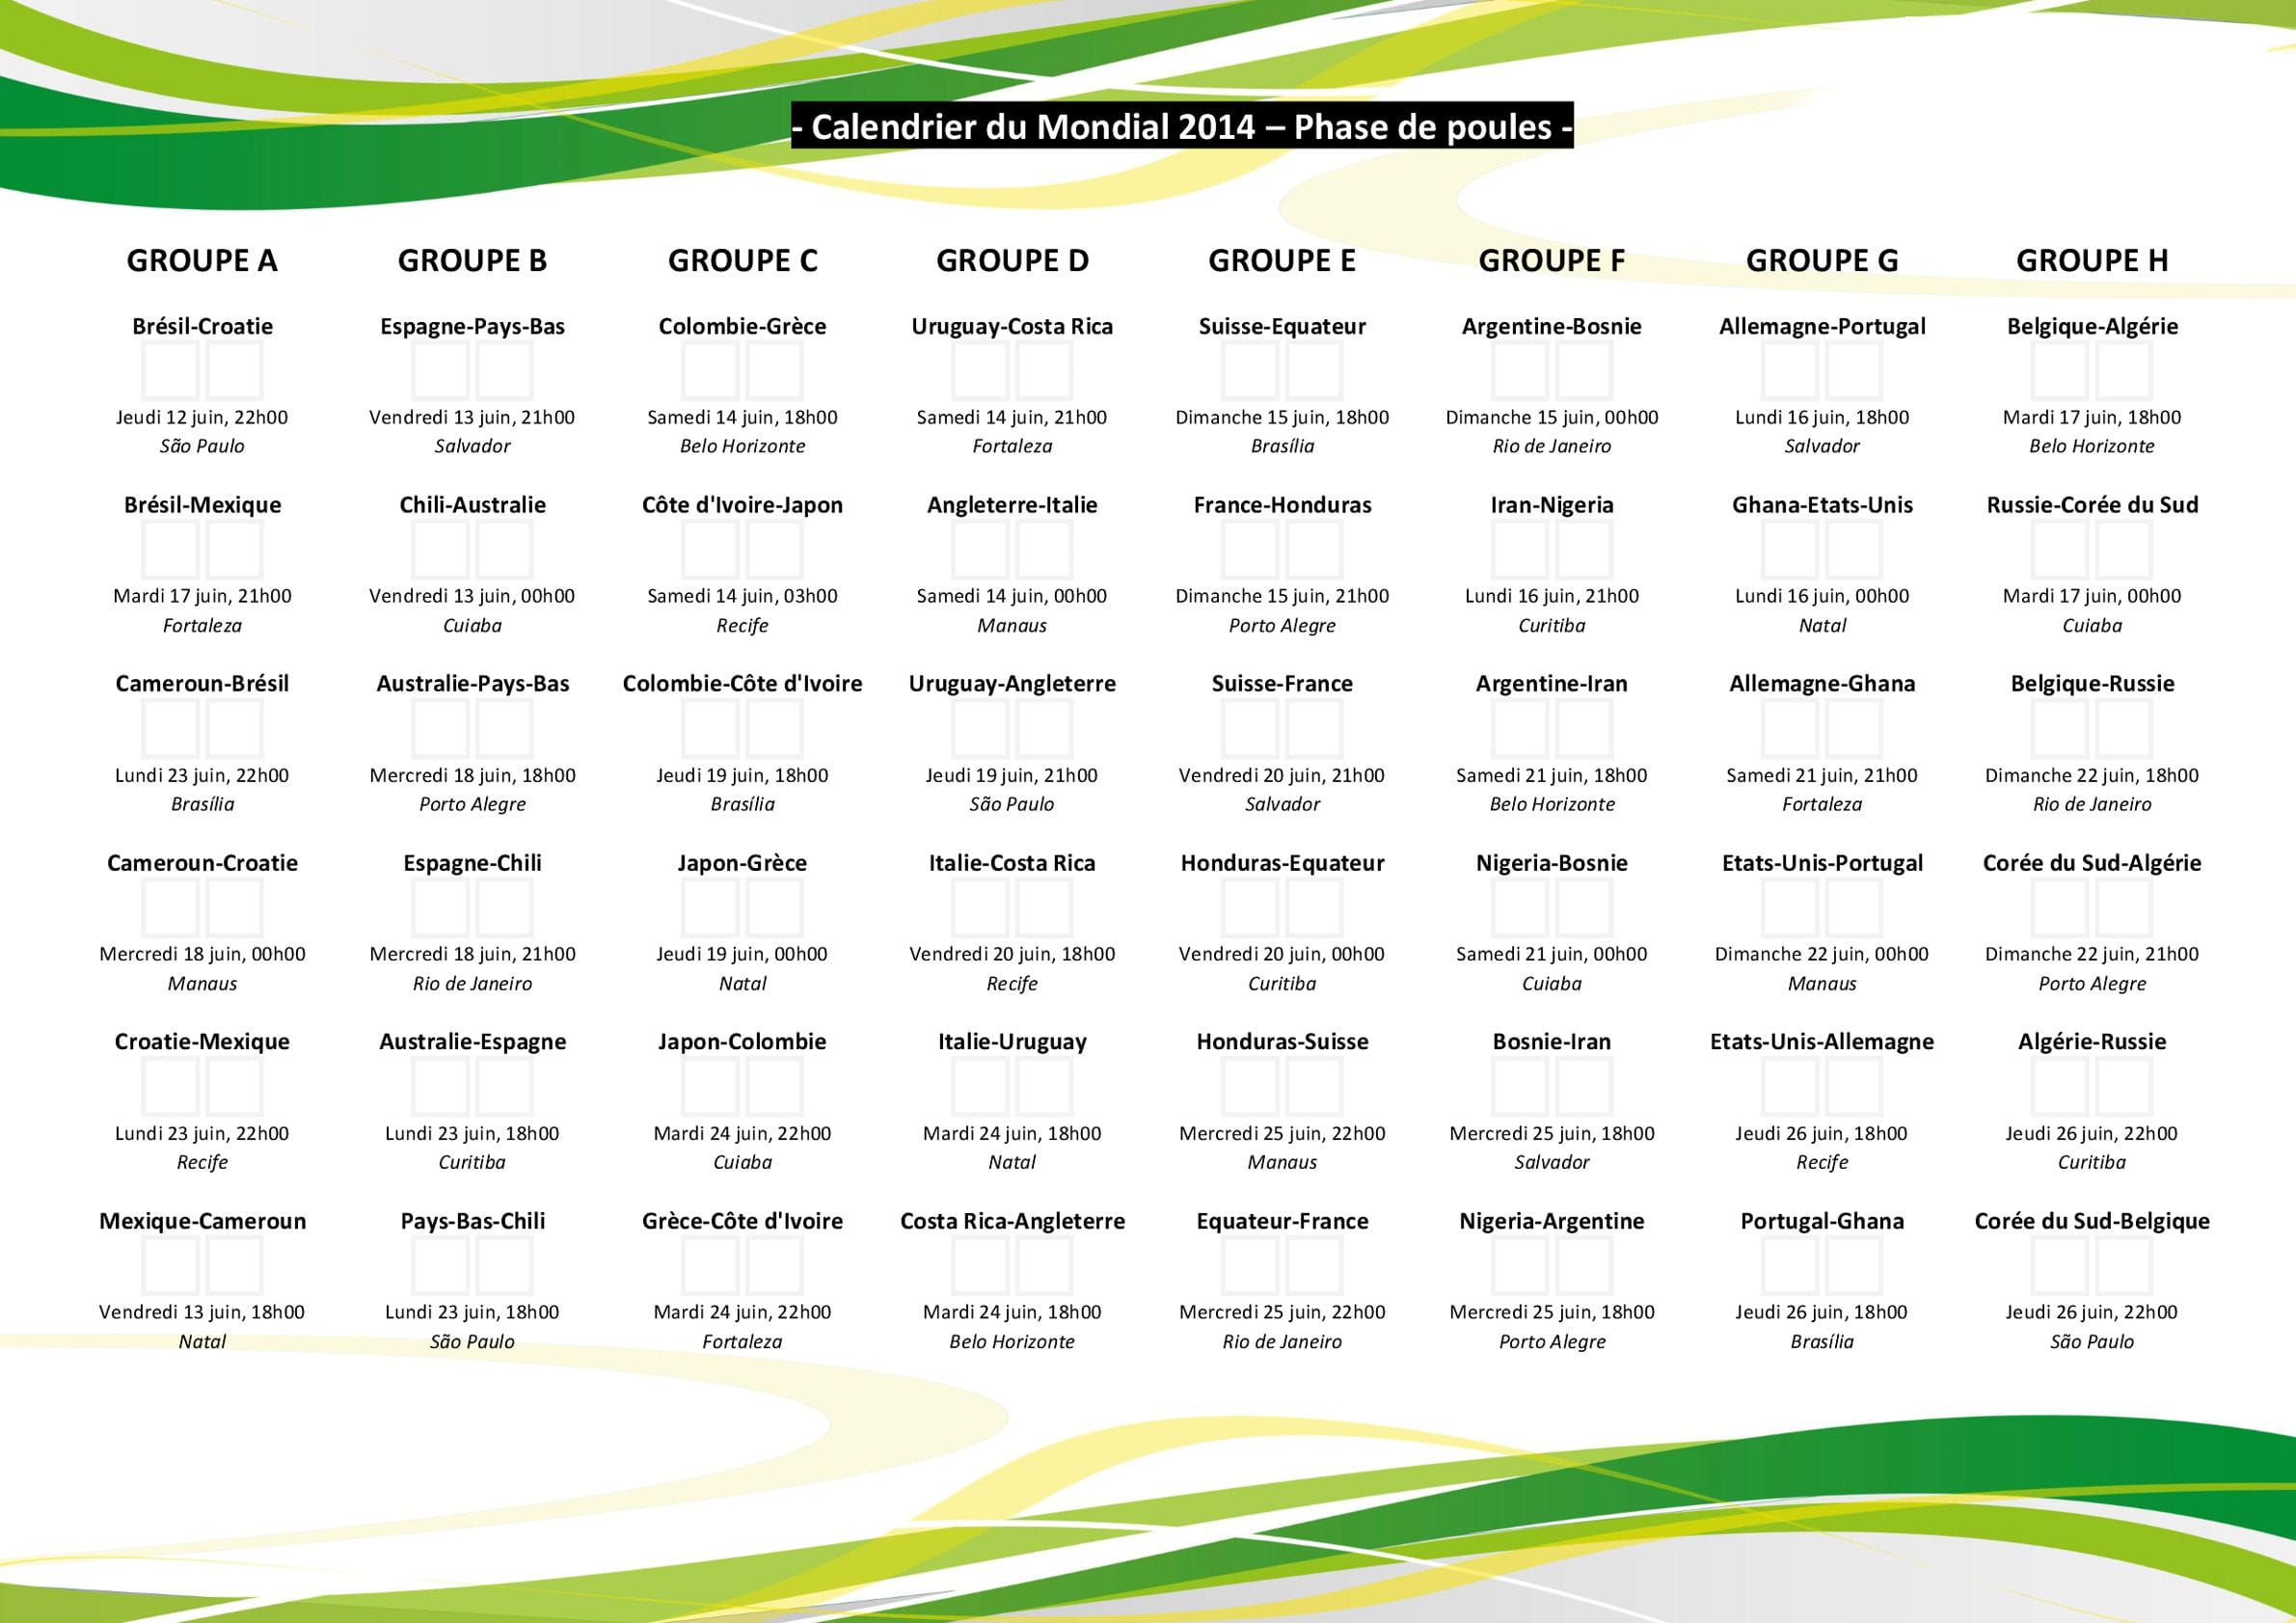 Calendrier coupe du monde 2014 le calendrier t l charger pdf linternaute - Coupe du monde 2014 dates ...